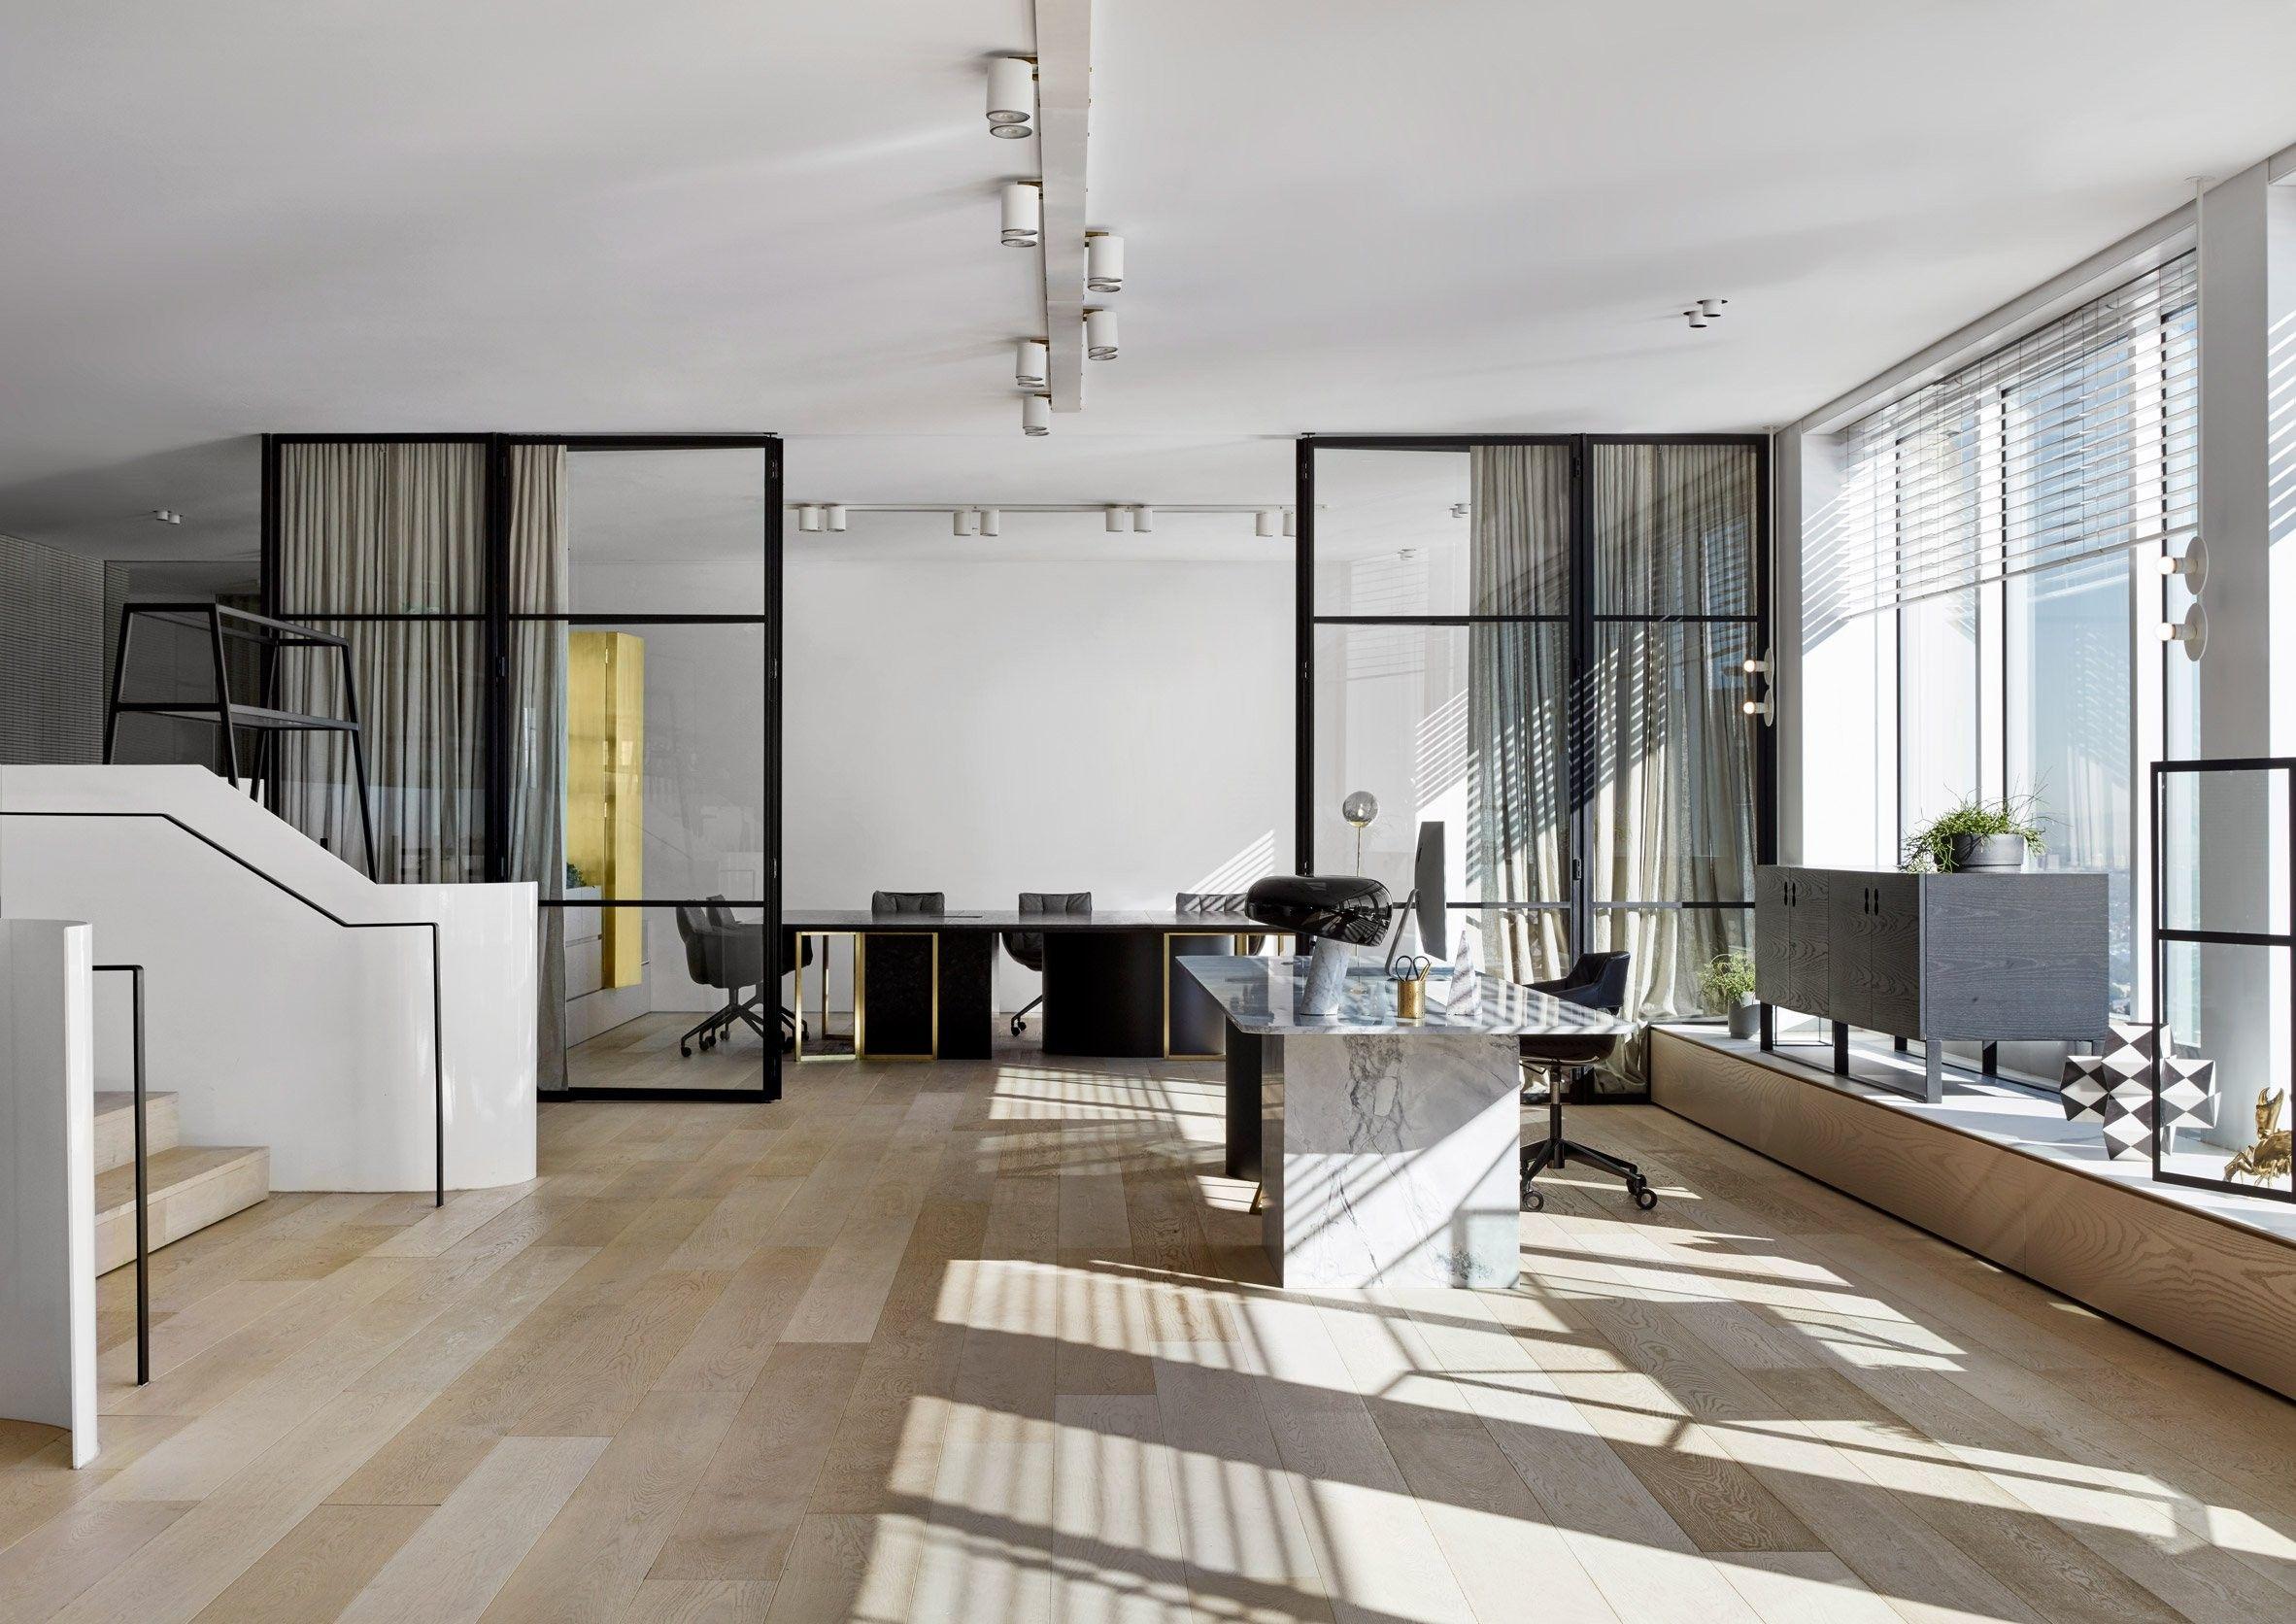 Magnifique aménagement intérieur de bureaux  Sydney par The Stella